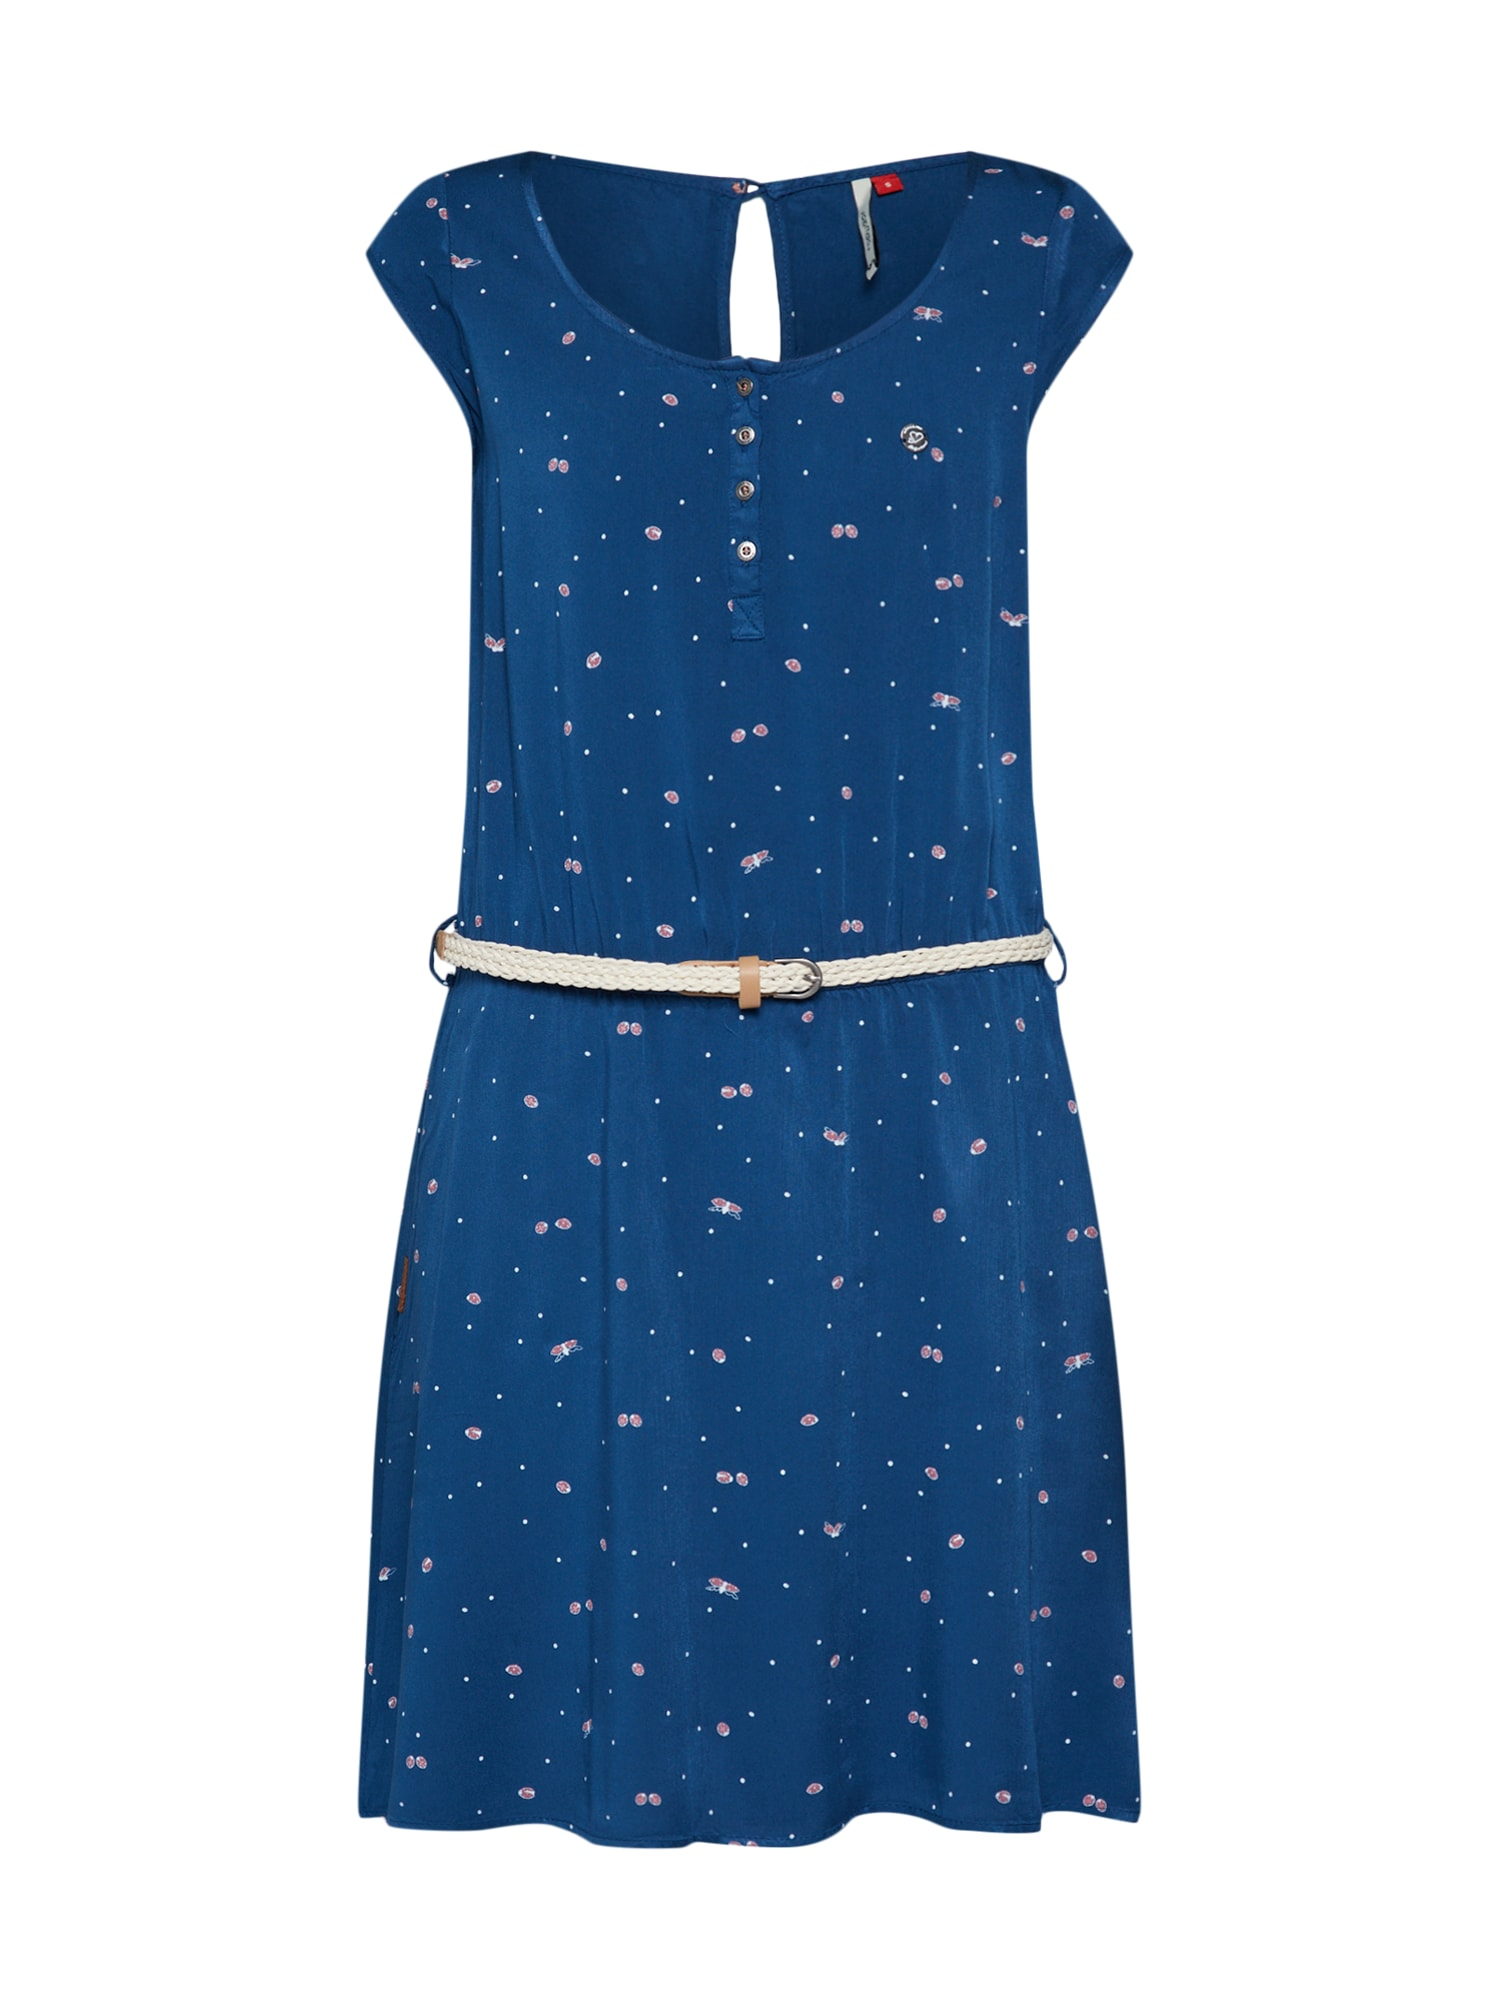 Šaty Zephie nebeská modř mix barev Ragwear